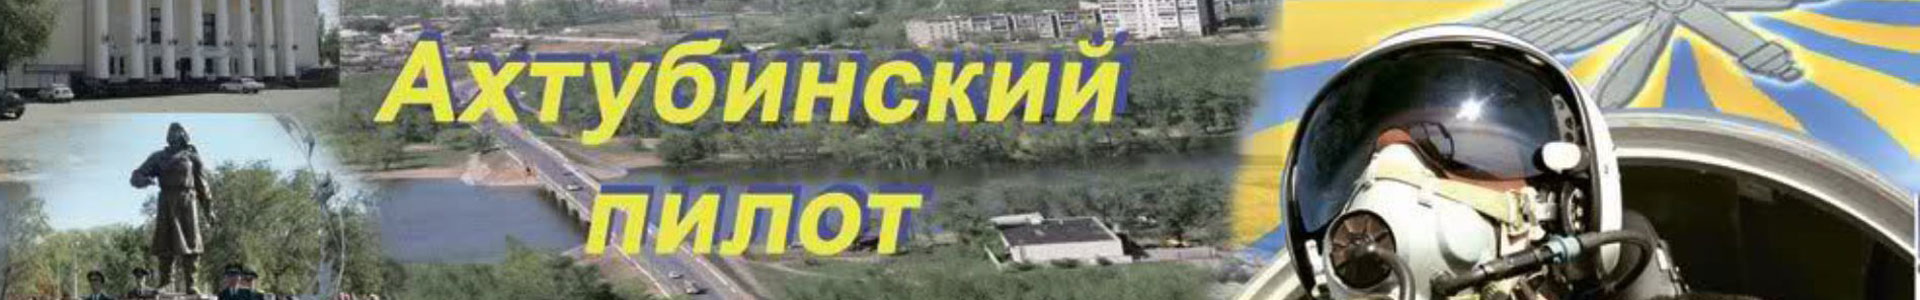 За сутки в Астраханской области выявлено 44 новых подозреваемых на коронавирус